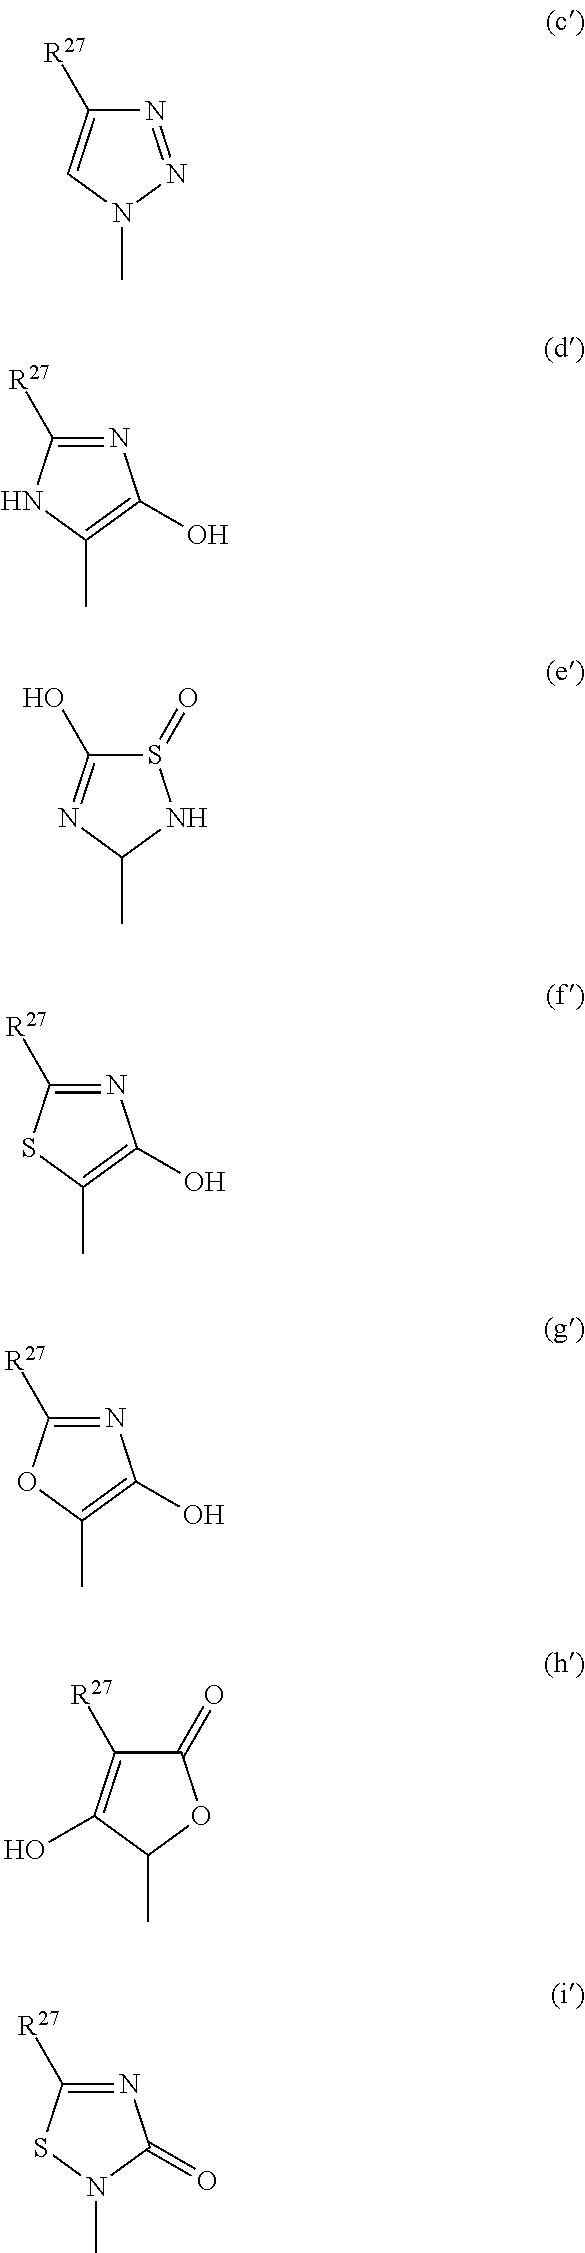 Figure US08188092-20120529-C00011